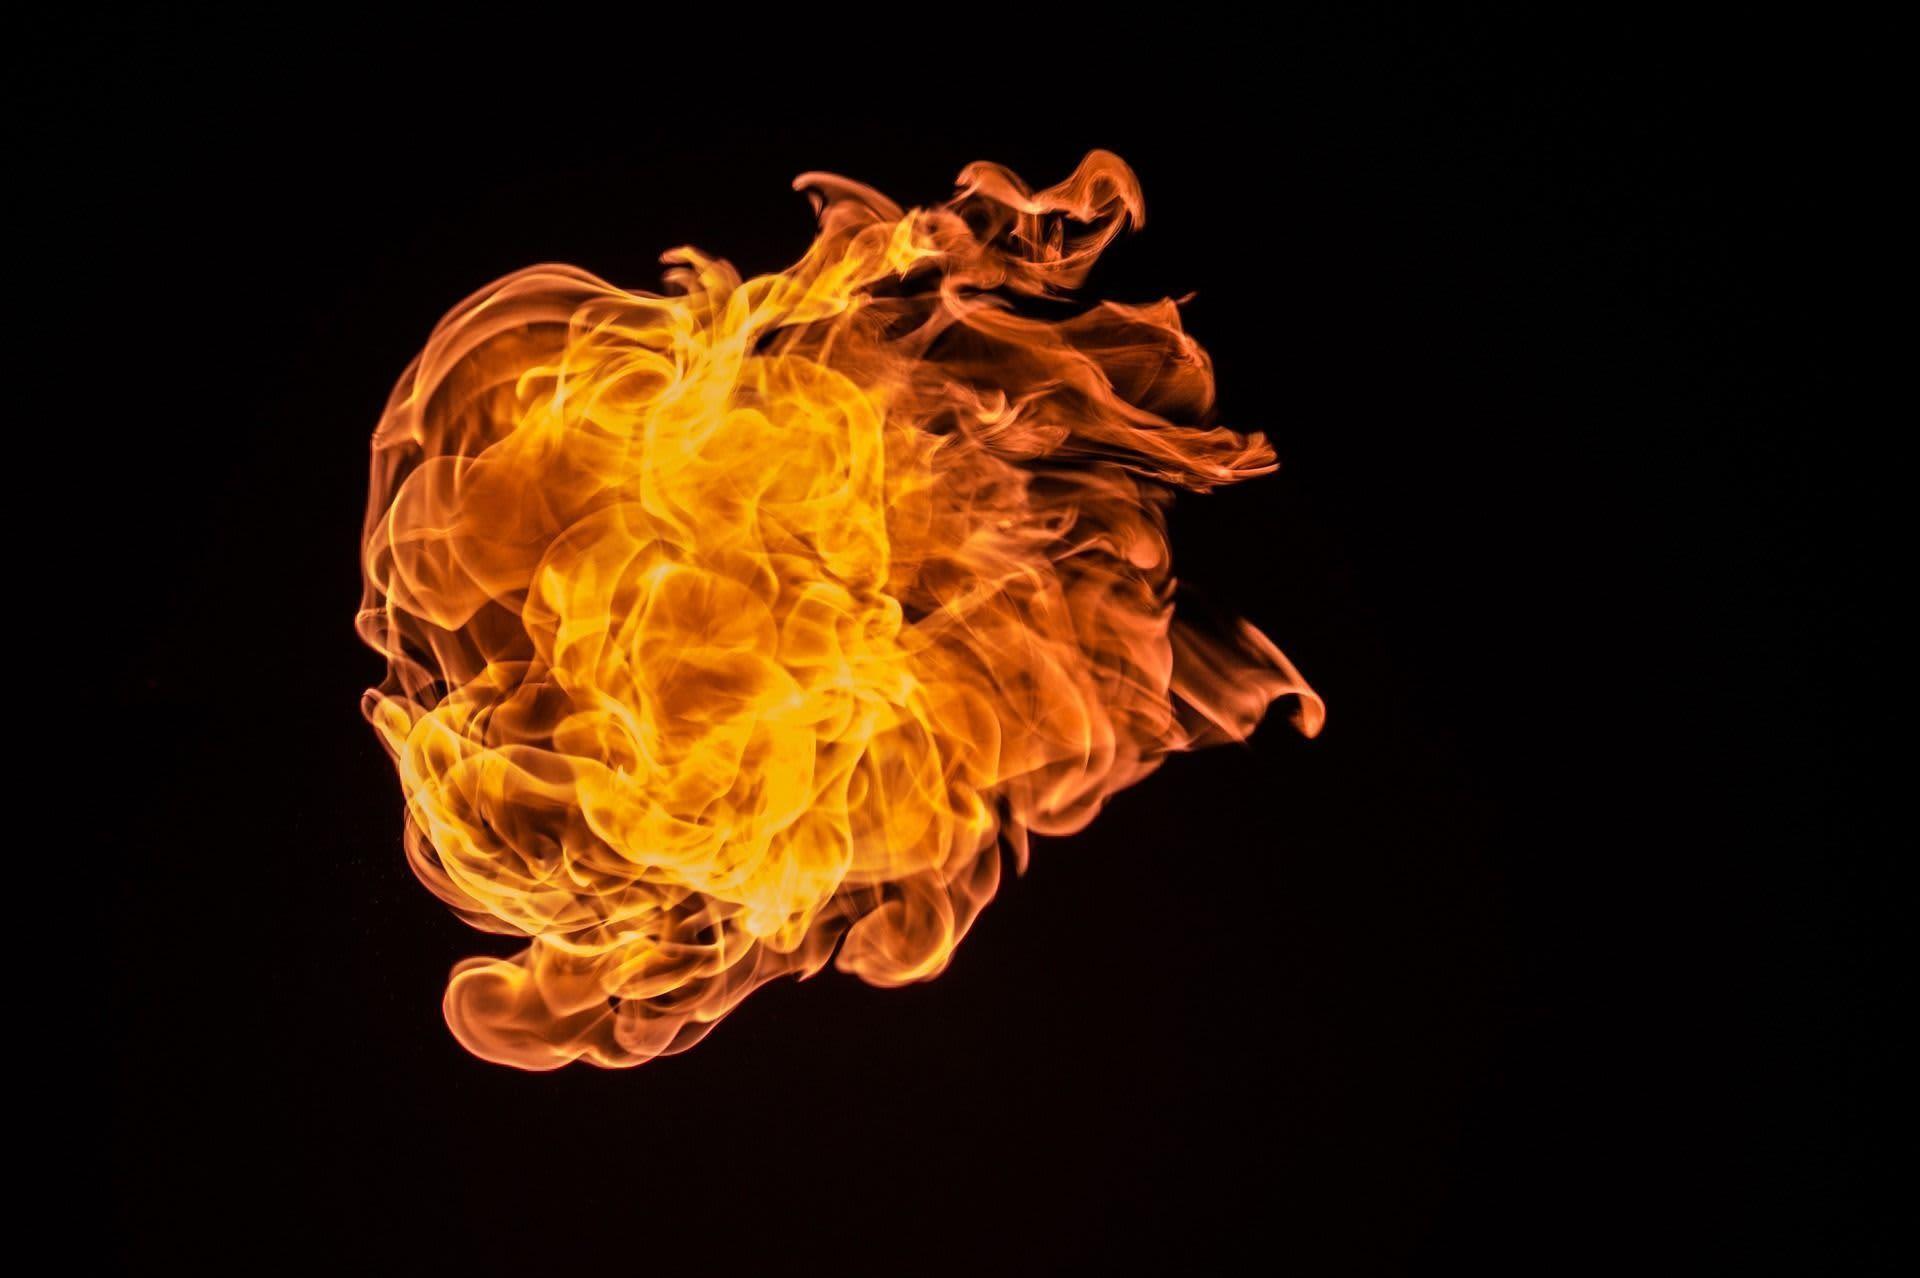 existen cinco elementos en la acupuntura, el fuego es uno de ellos